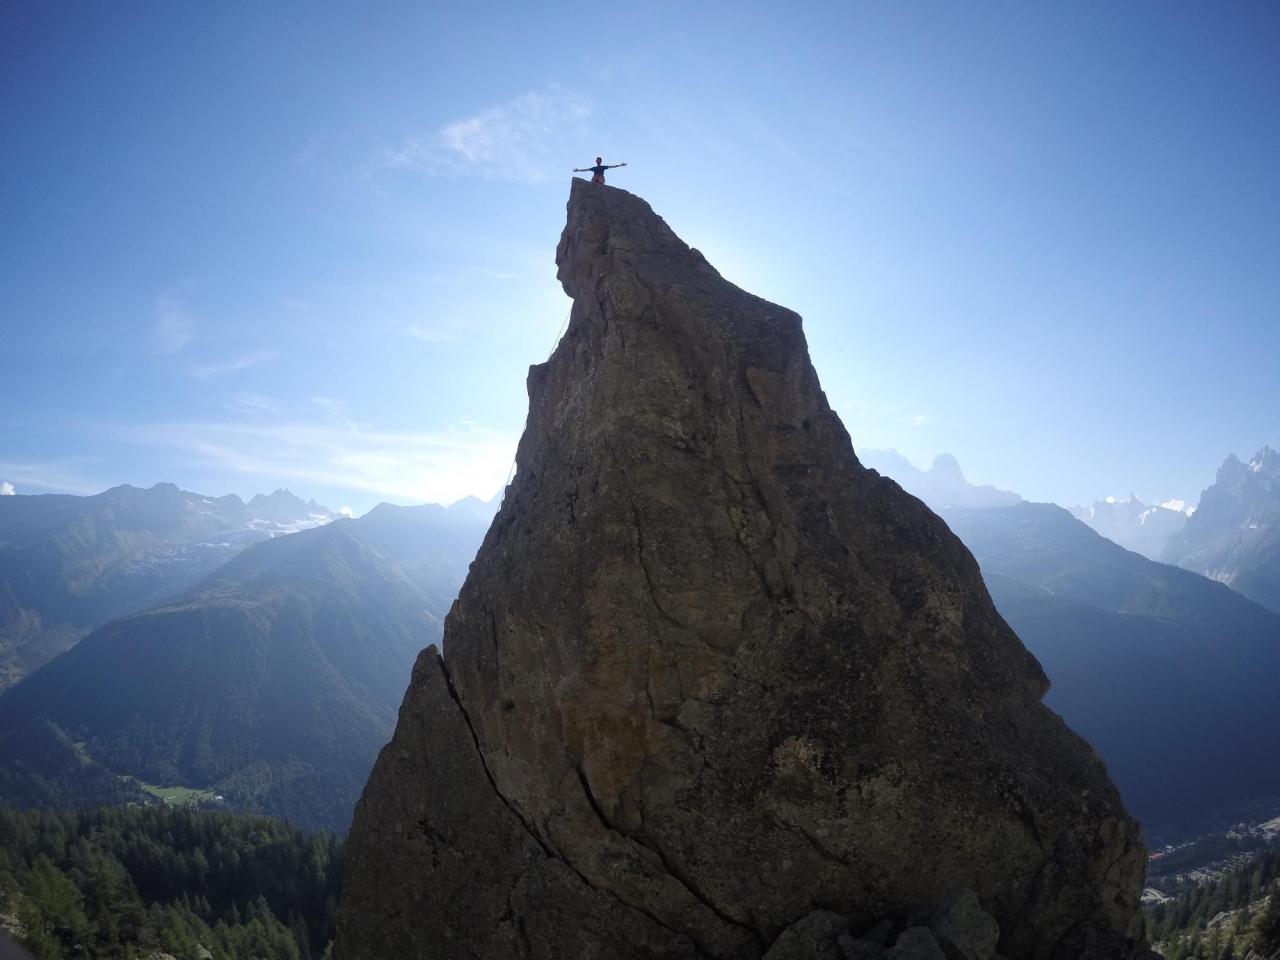 A picture from Aiguillette d\'Argentière, Haute-Savoie, France by Mic Huizinga